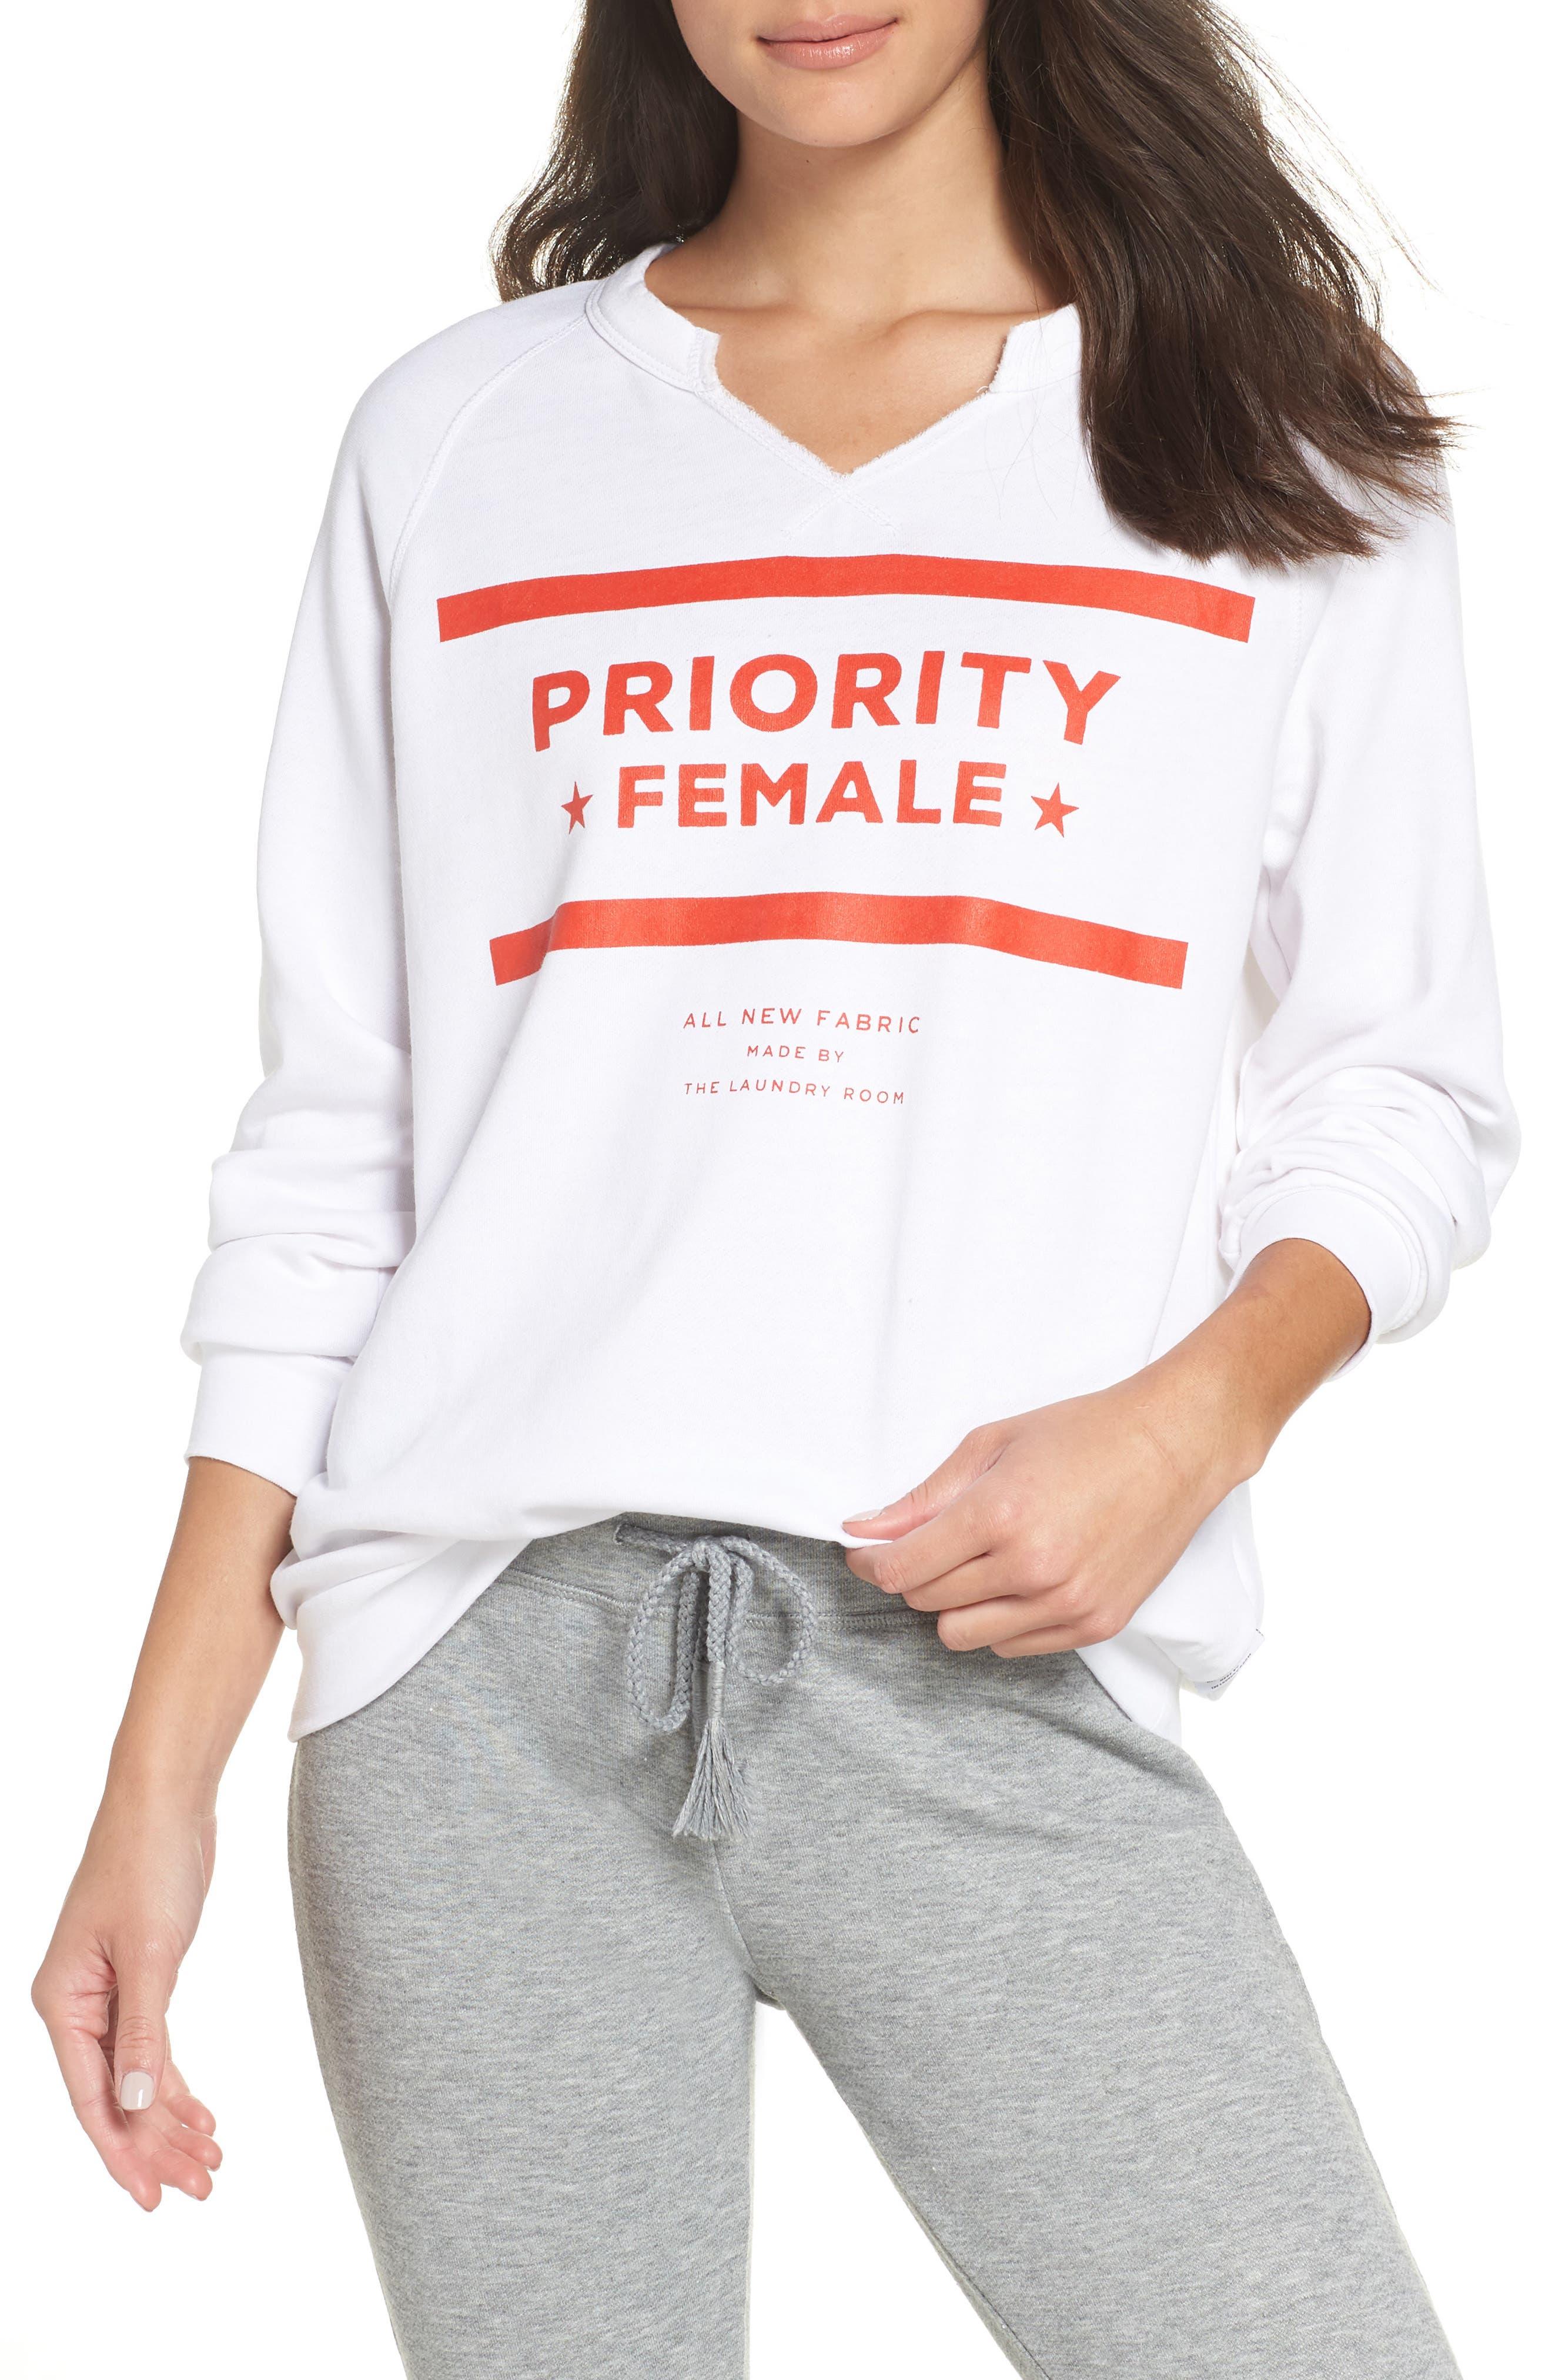 Priority Female Sweatshirt,                             Main thumbnail 1, color,                             100